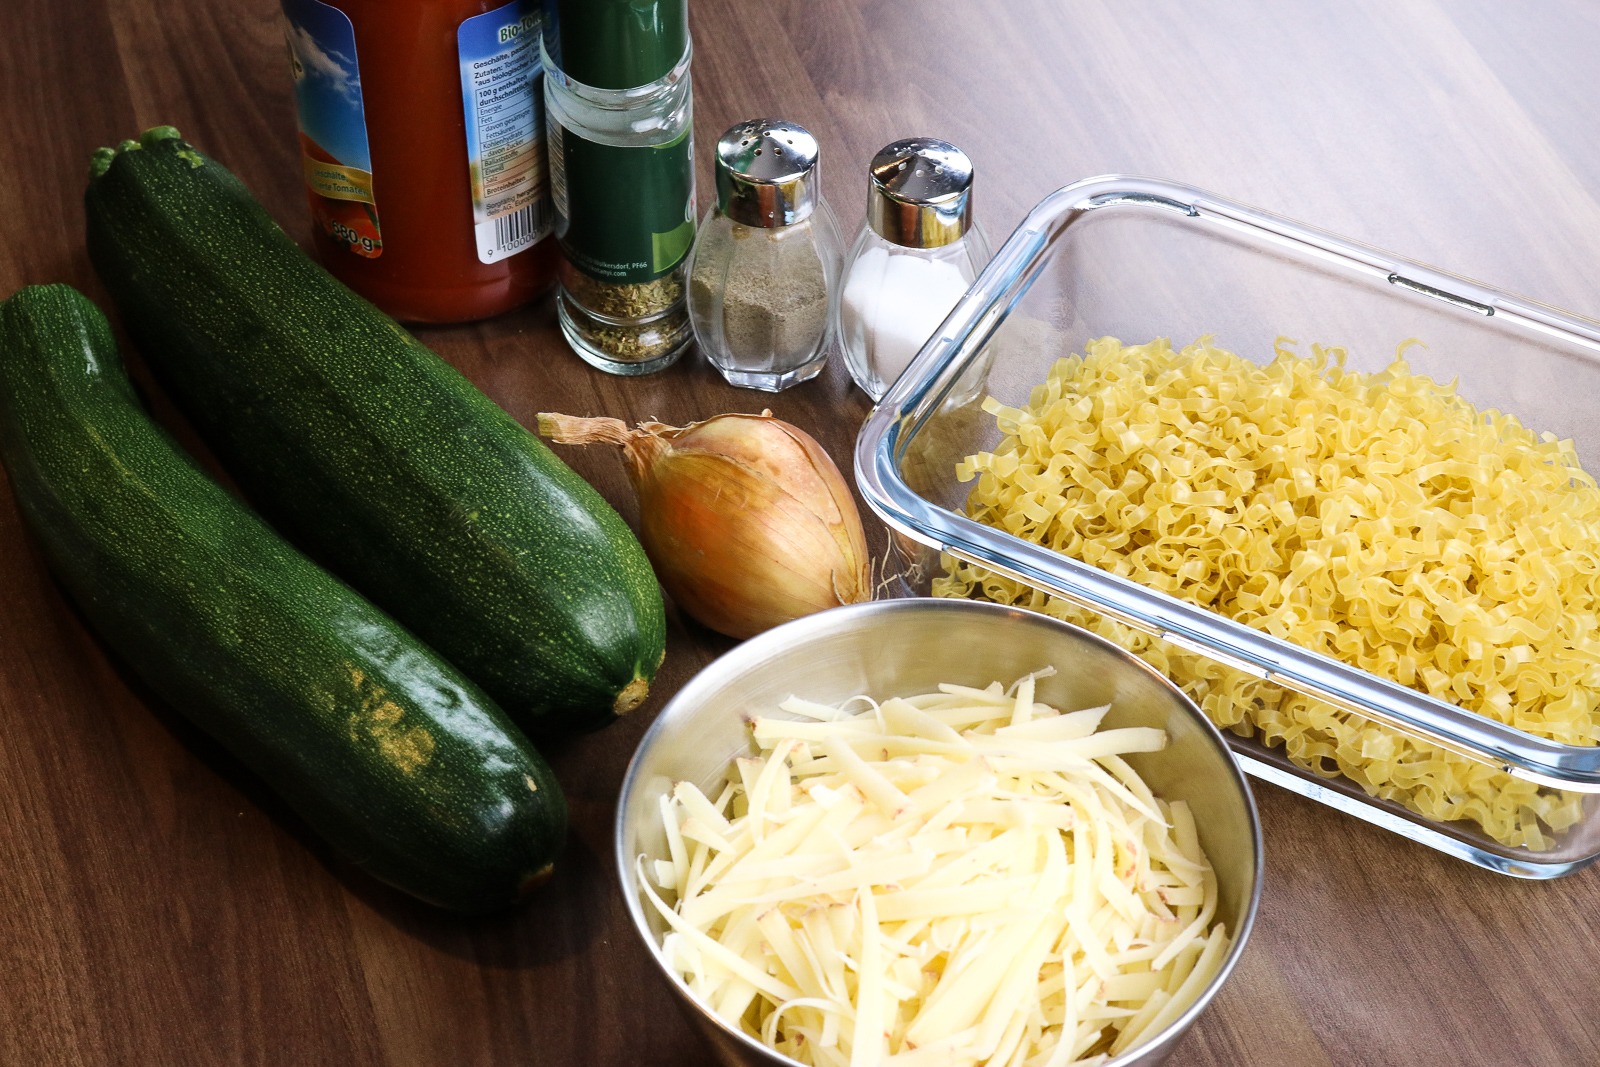 Gefüllte Zucchini - vegetarisch und schnell zubereitet- Zucchini gefüllt mit Tomatensauce und Wok Nudel - Rezept - vegetarisches Rezept - Fashionladyloves by Tamara Wagner - Food Blog